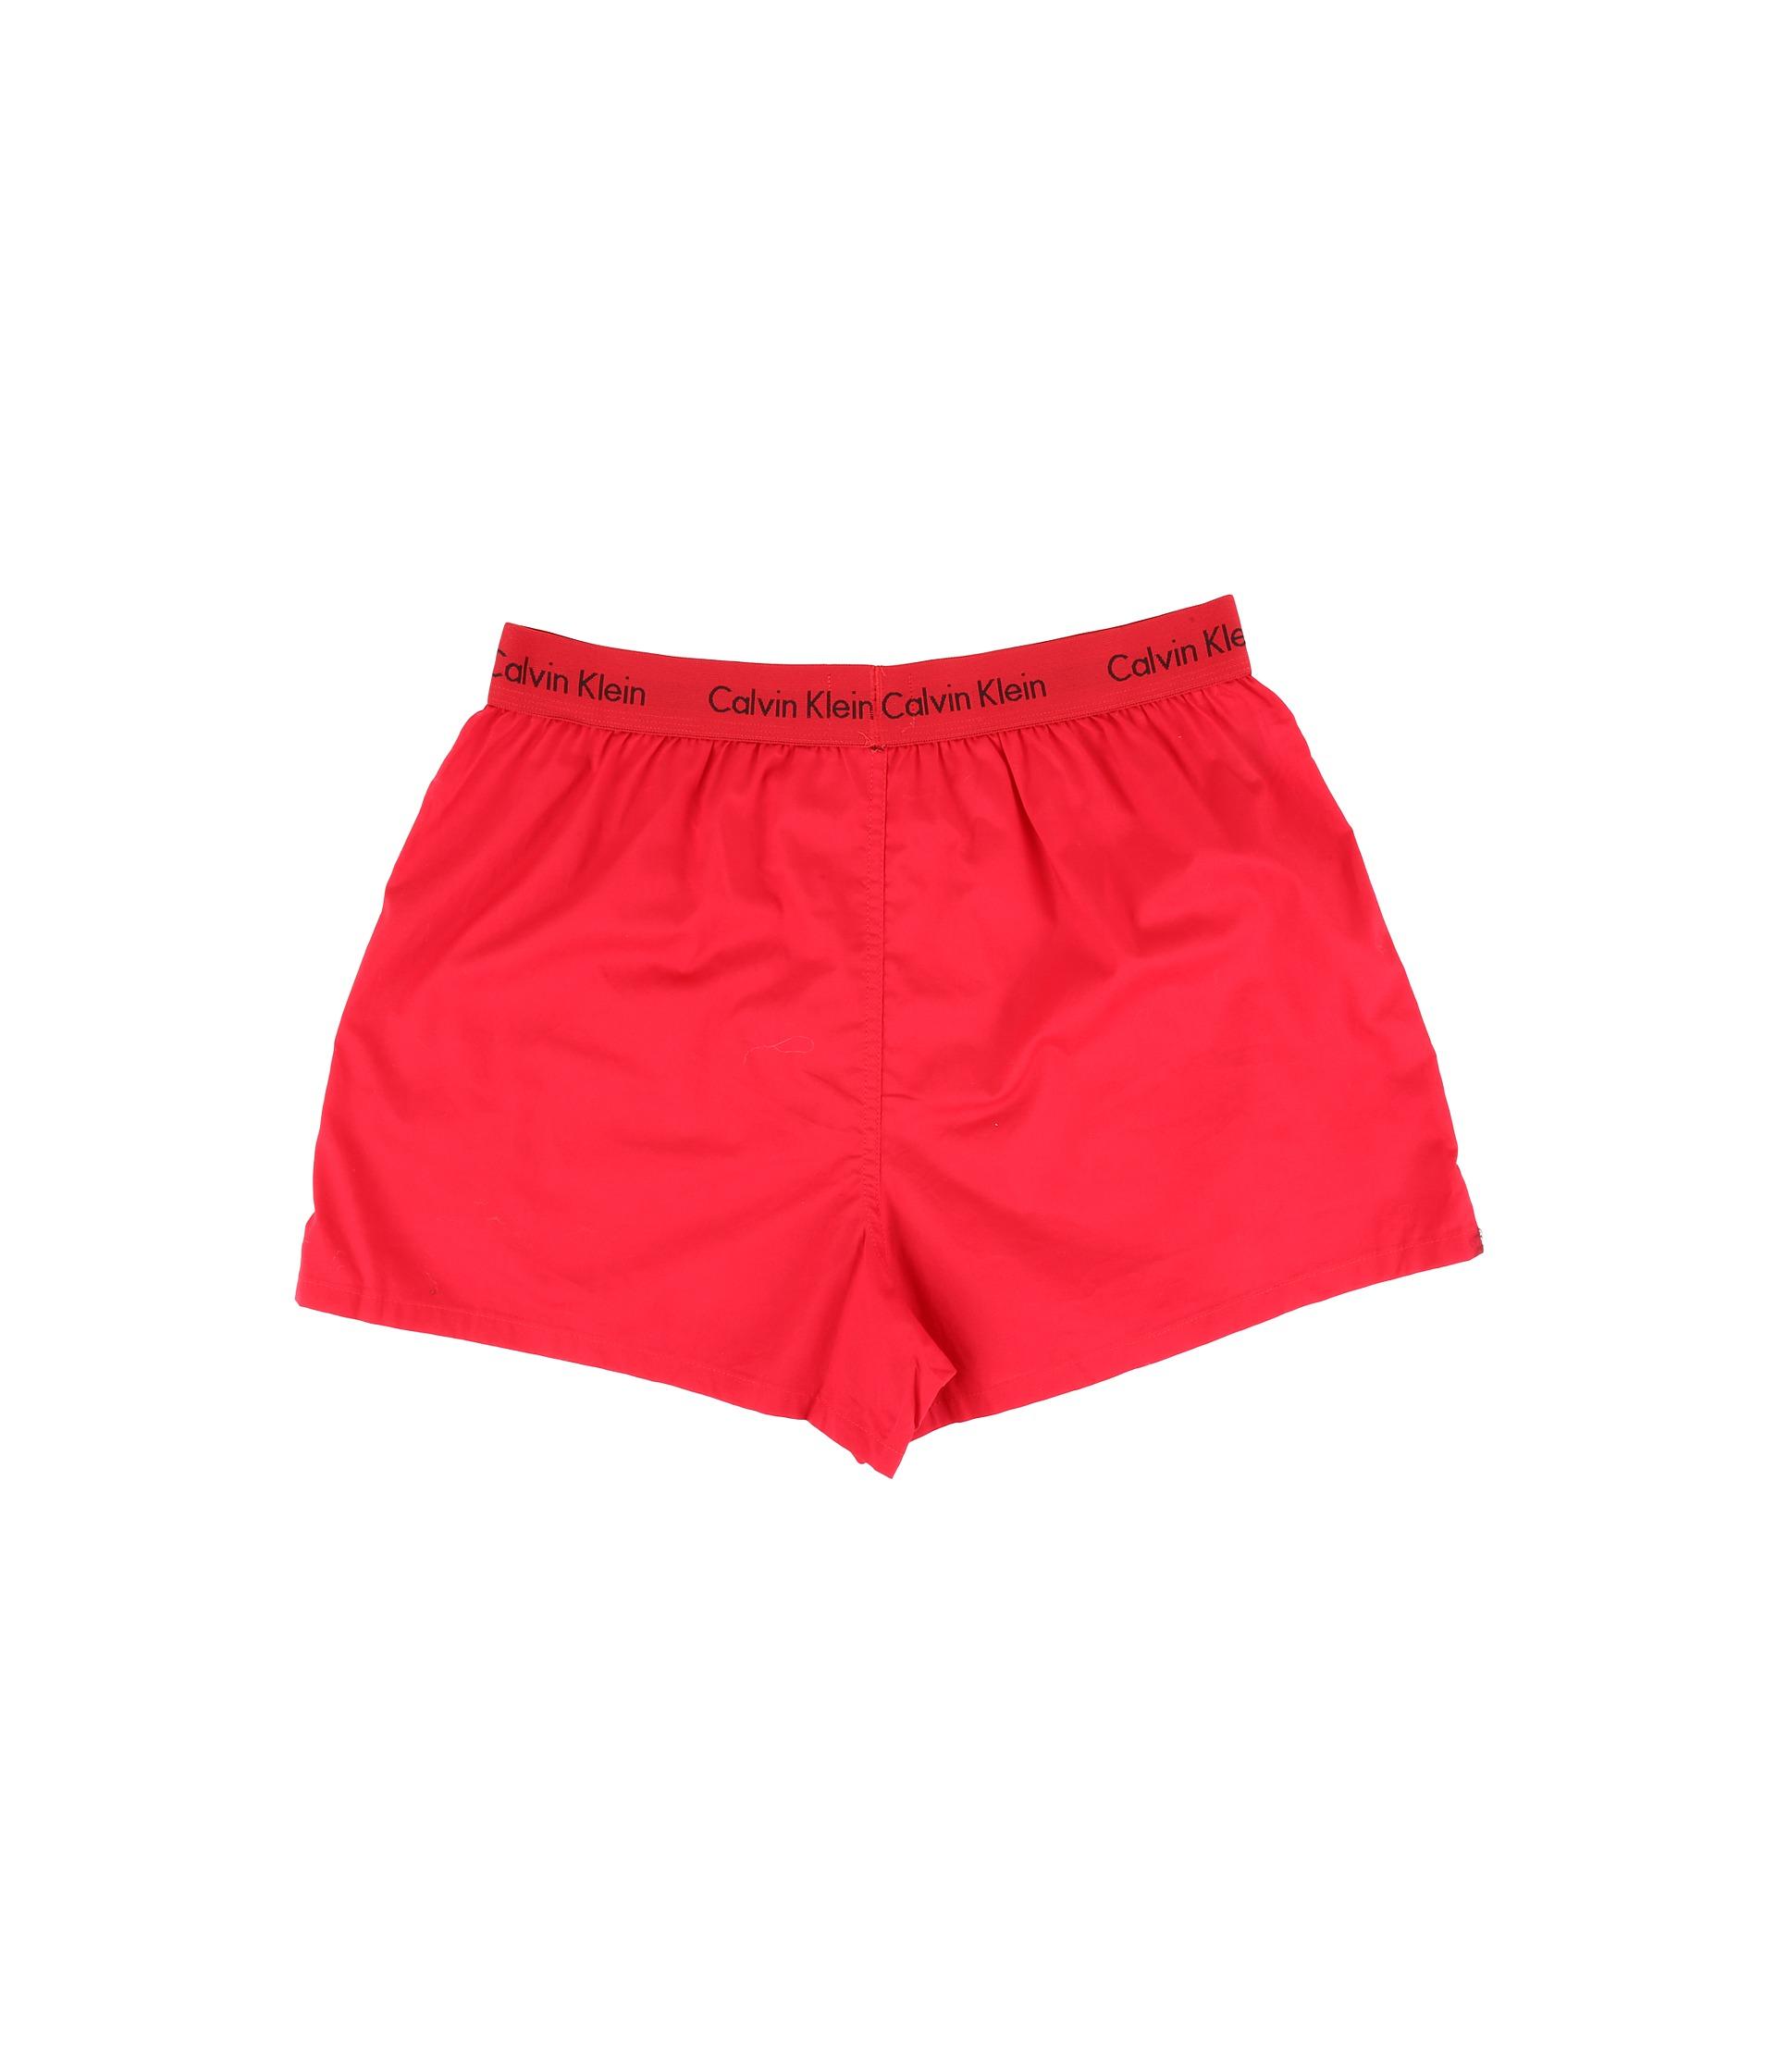 calvin klein underwear matrix slim fit boxer. Black Bedroom Furniture Sets. Home Design Ideas